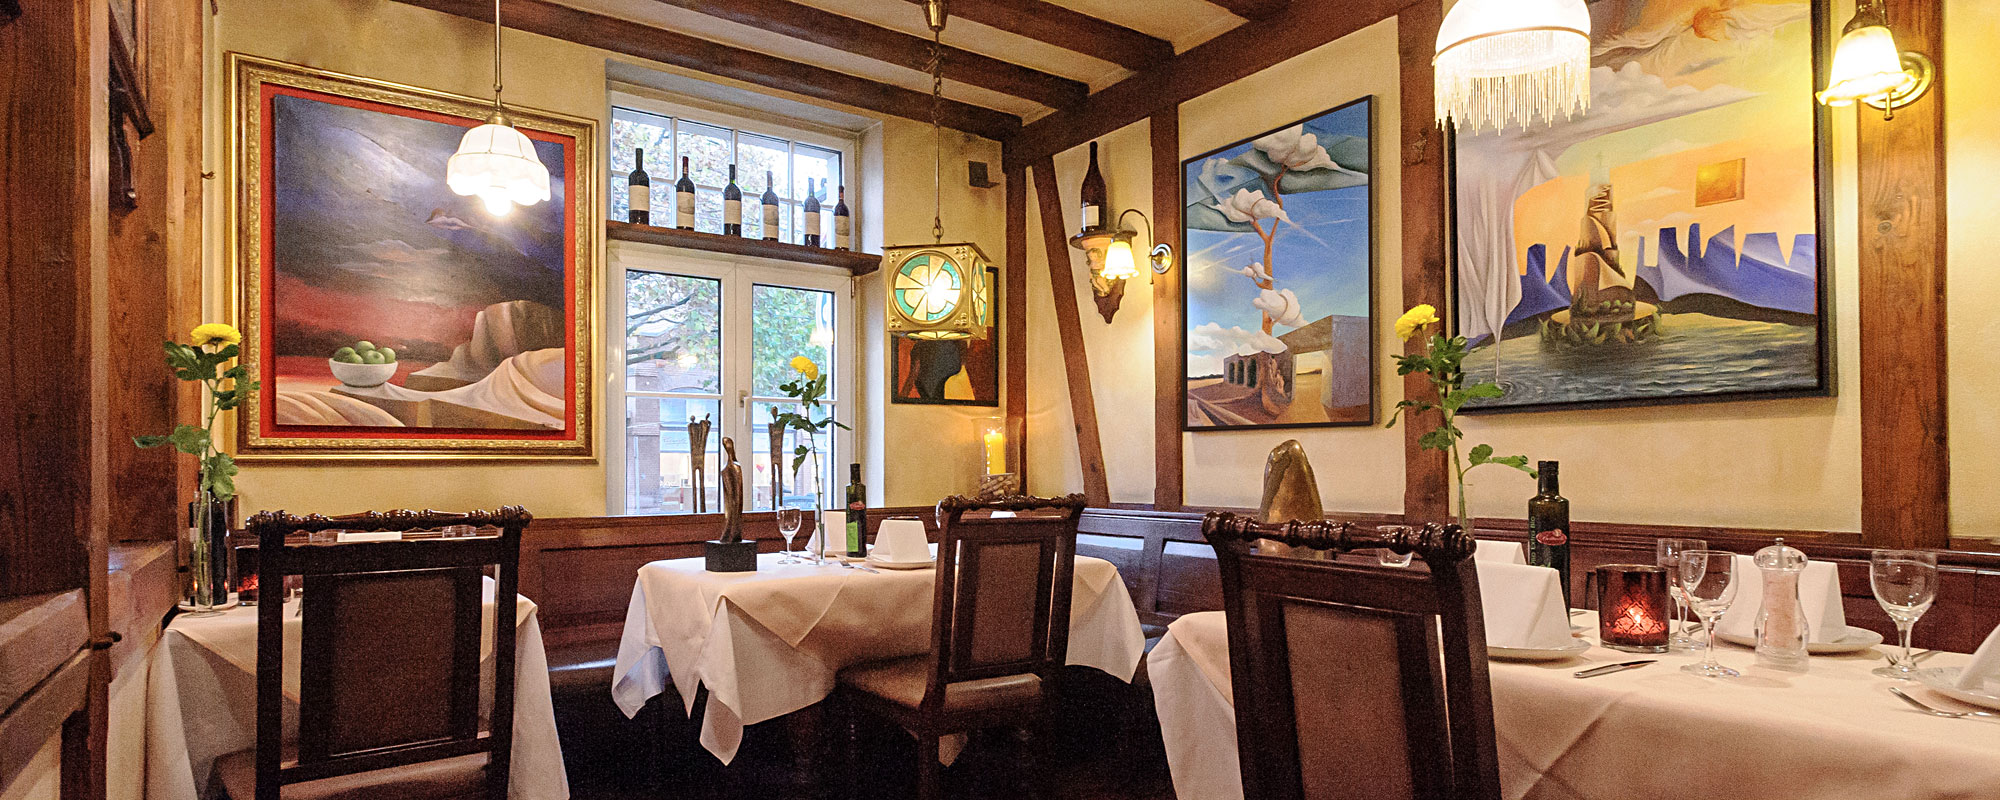 Italienische Küche Restaurant | Ristorante Botticelli Hannover Original Italienische Kuche